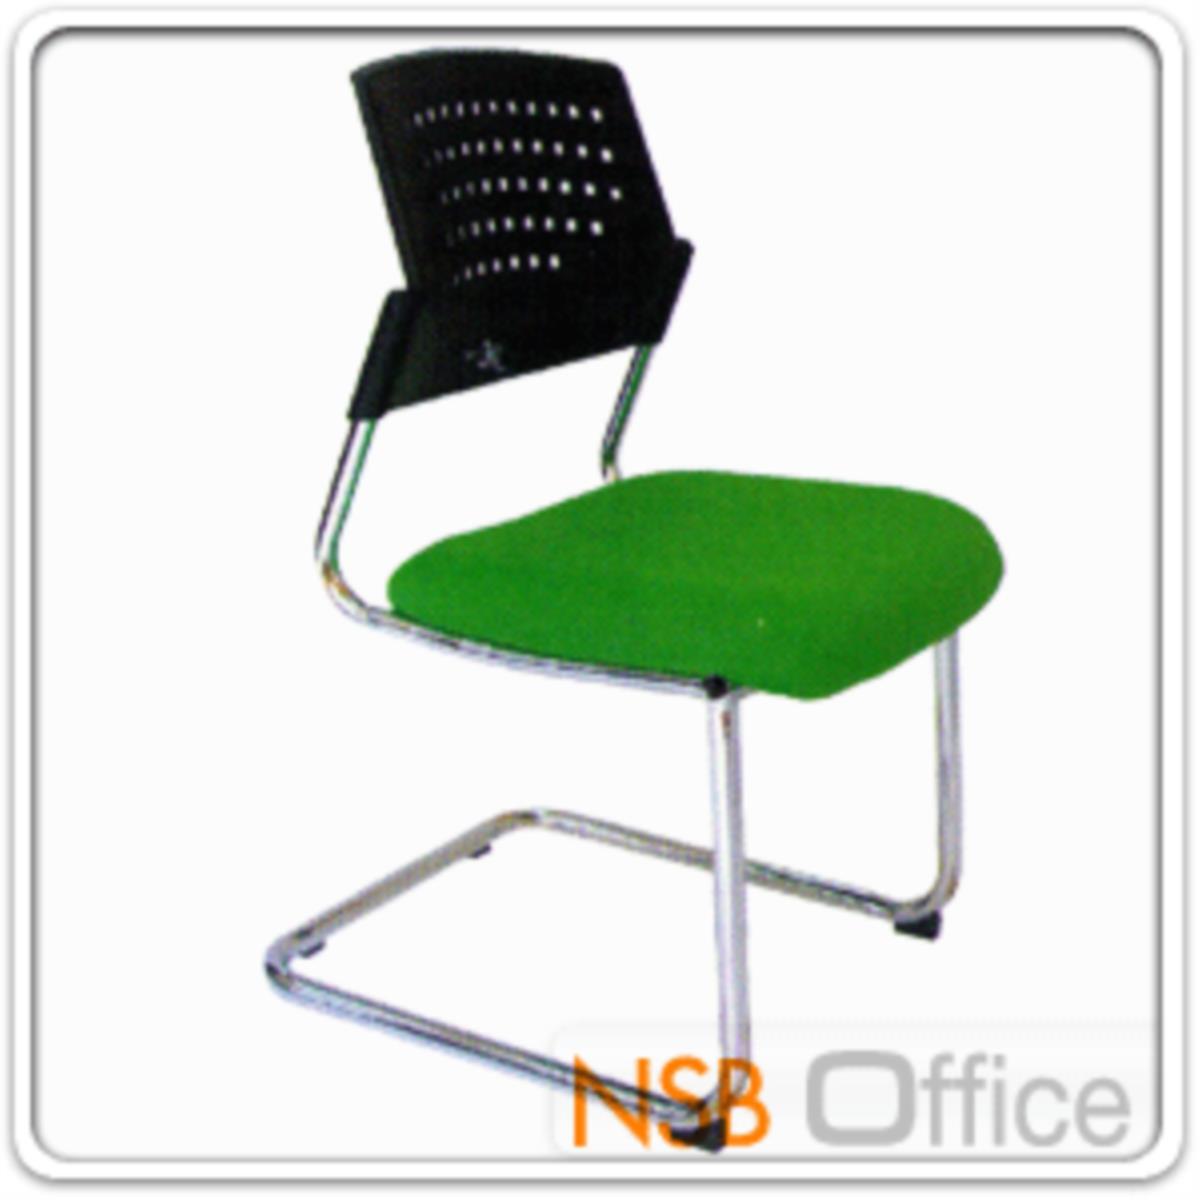 เก้าอี้รับแขกขาตัวซีหลังเปลือกโพลี่ รุ่น Rhino (ไรห์โน)  ขาเหล็กชุบโครเมี่ยม